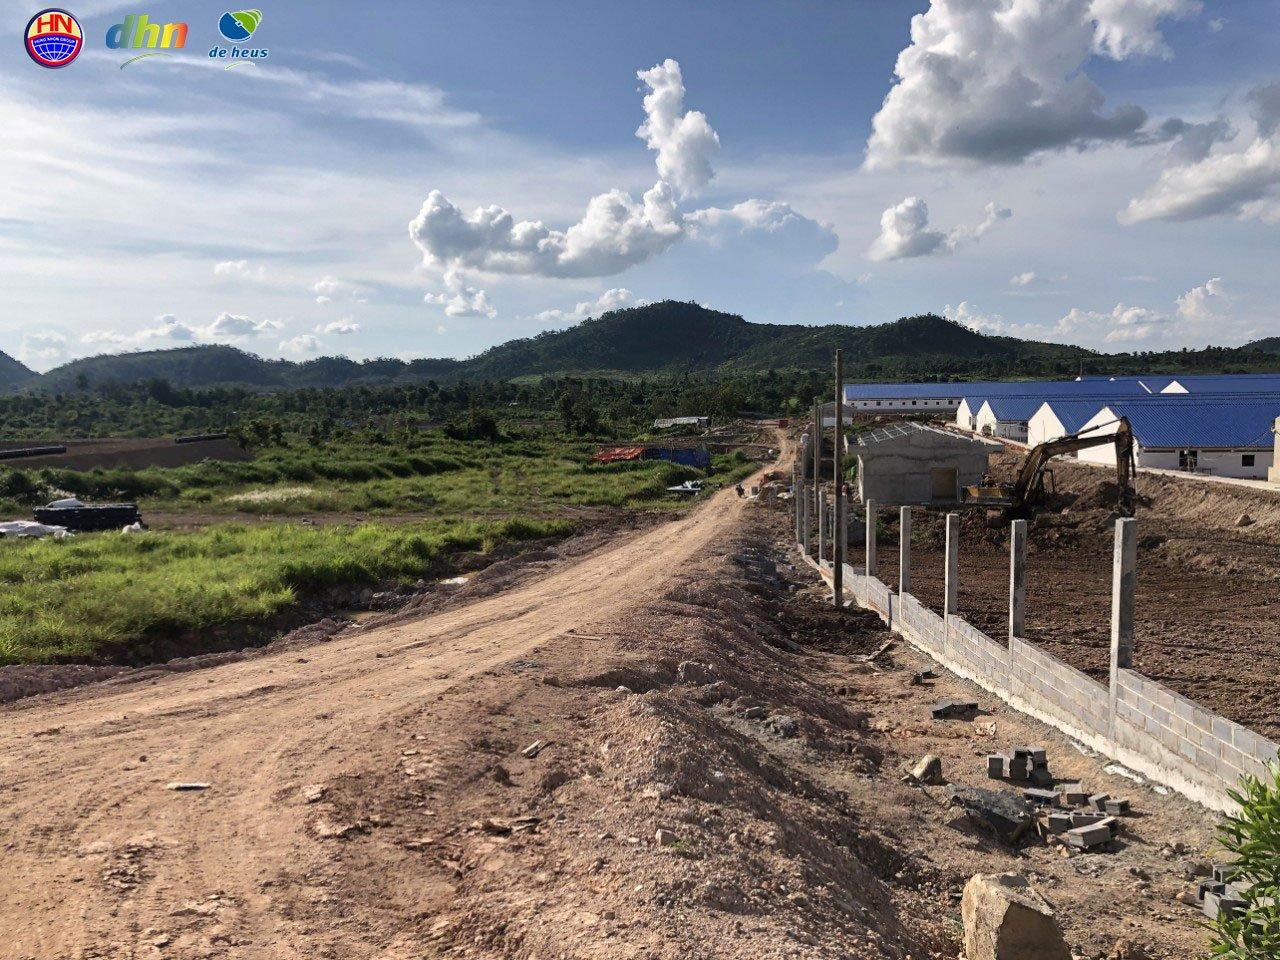 Đắk Lắk chuẩn bị có trại heo cụ kị 10.000 con, lớn nhất Tây Nguyên - Ảnh 5.